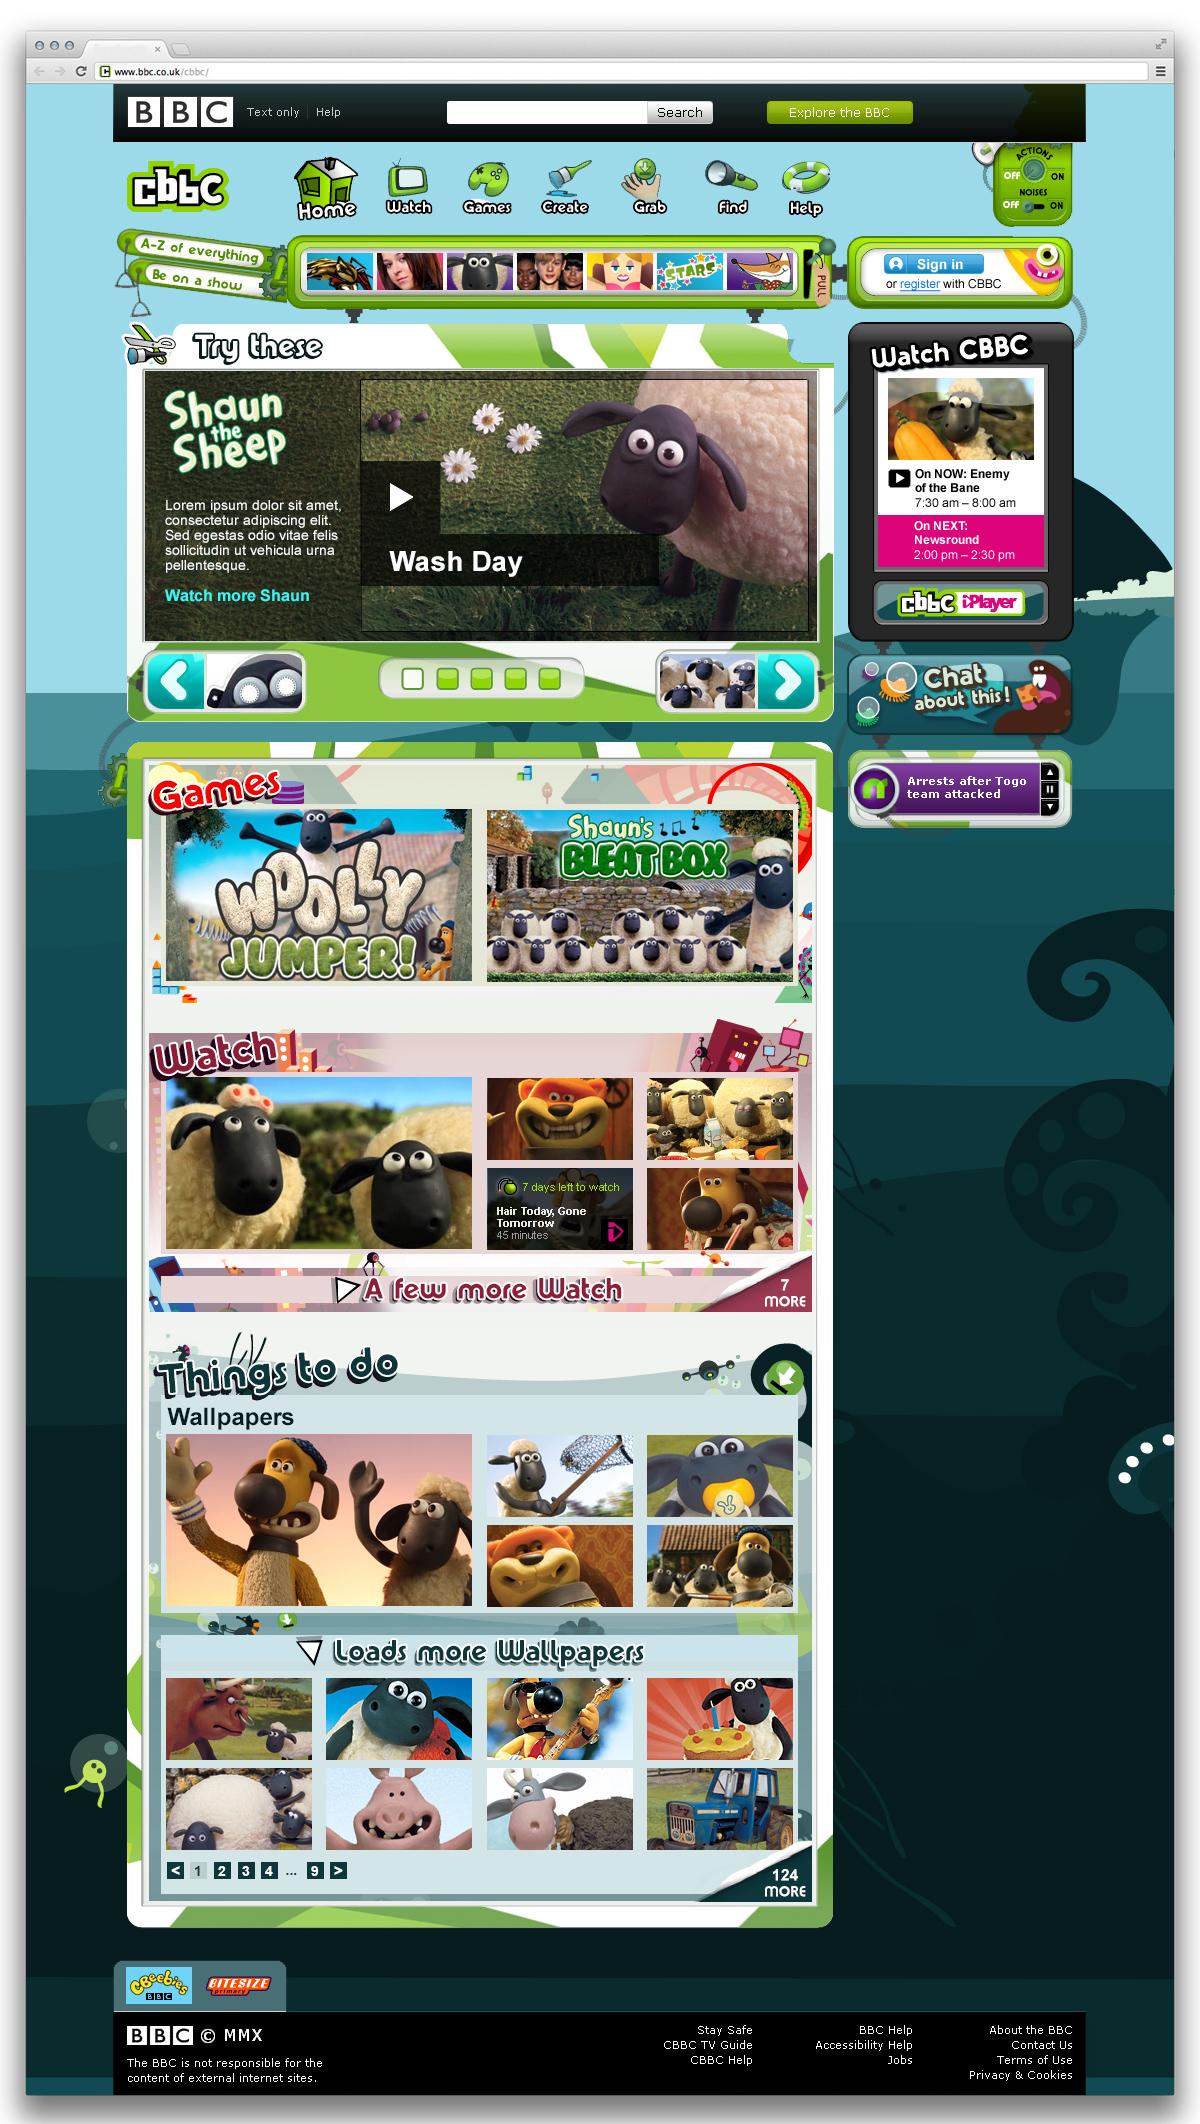 CBBC Brand Page